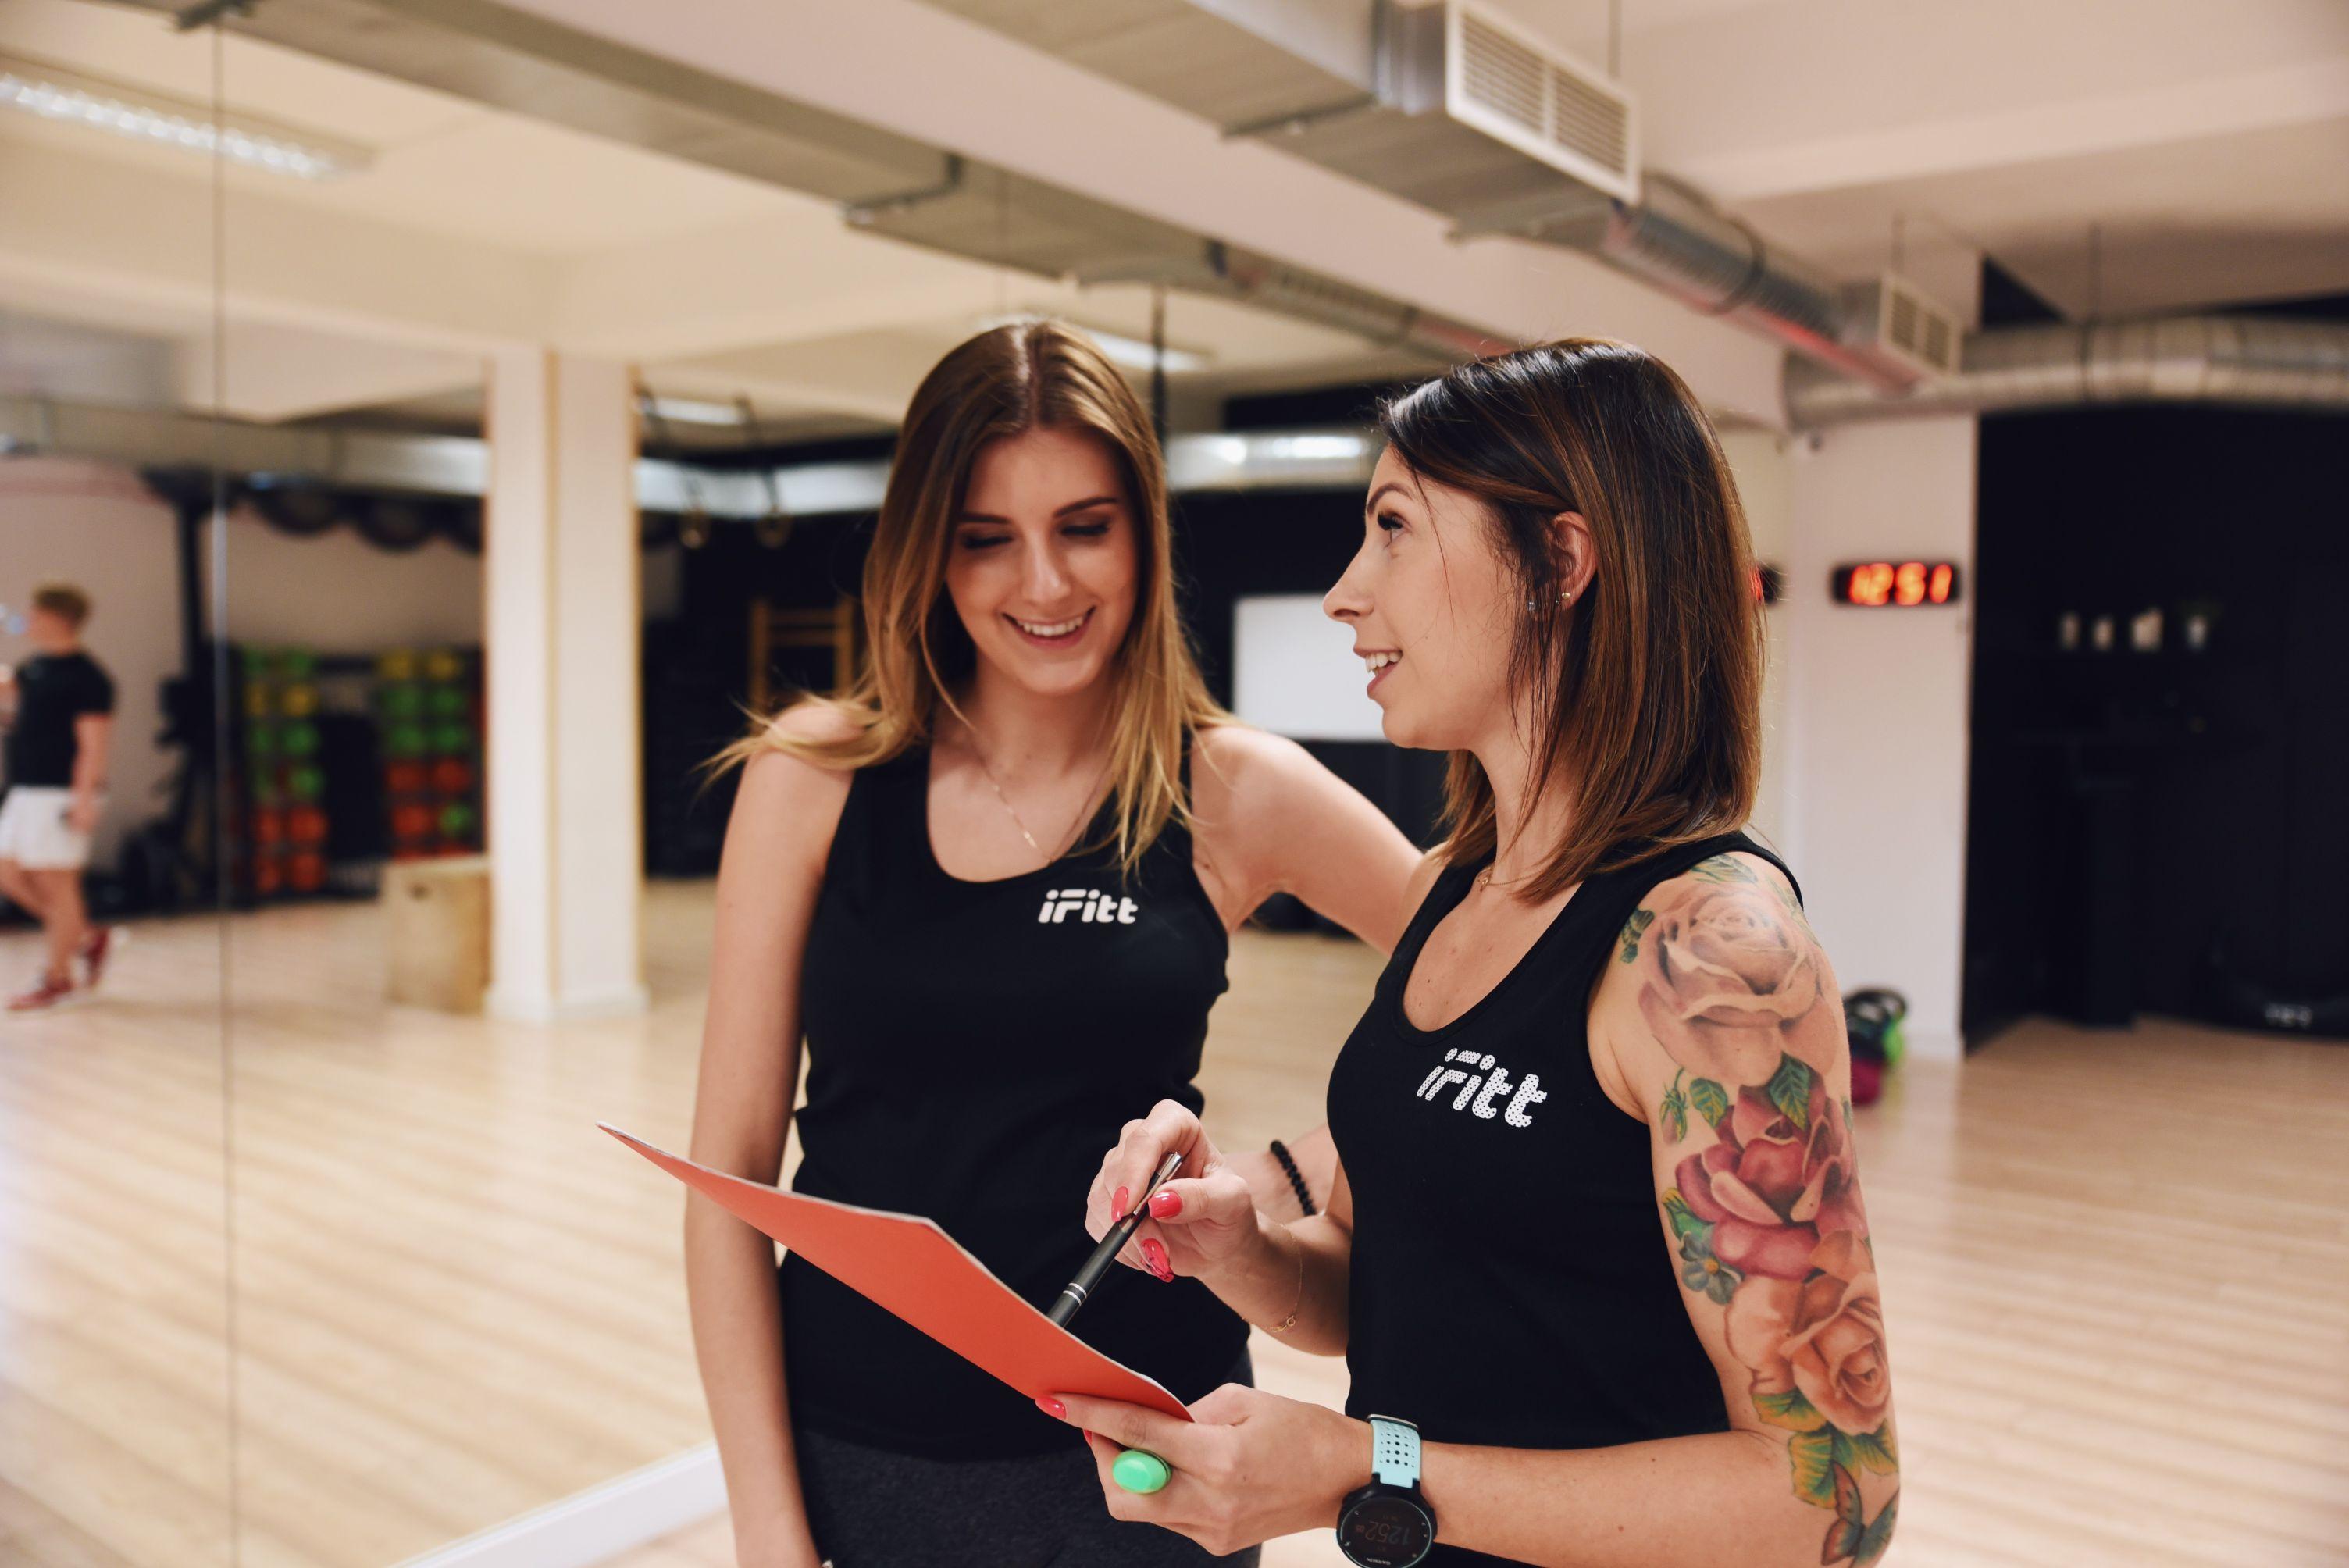 Darmowe Szkolenie Zaburzenia miesiączkowania - iFitt Klub Fitness